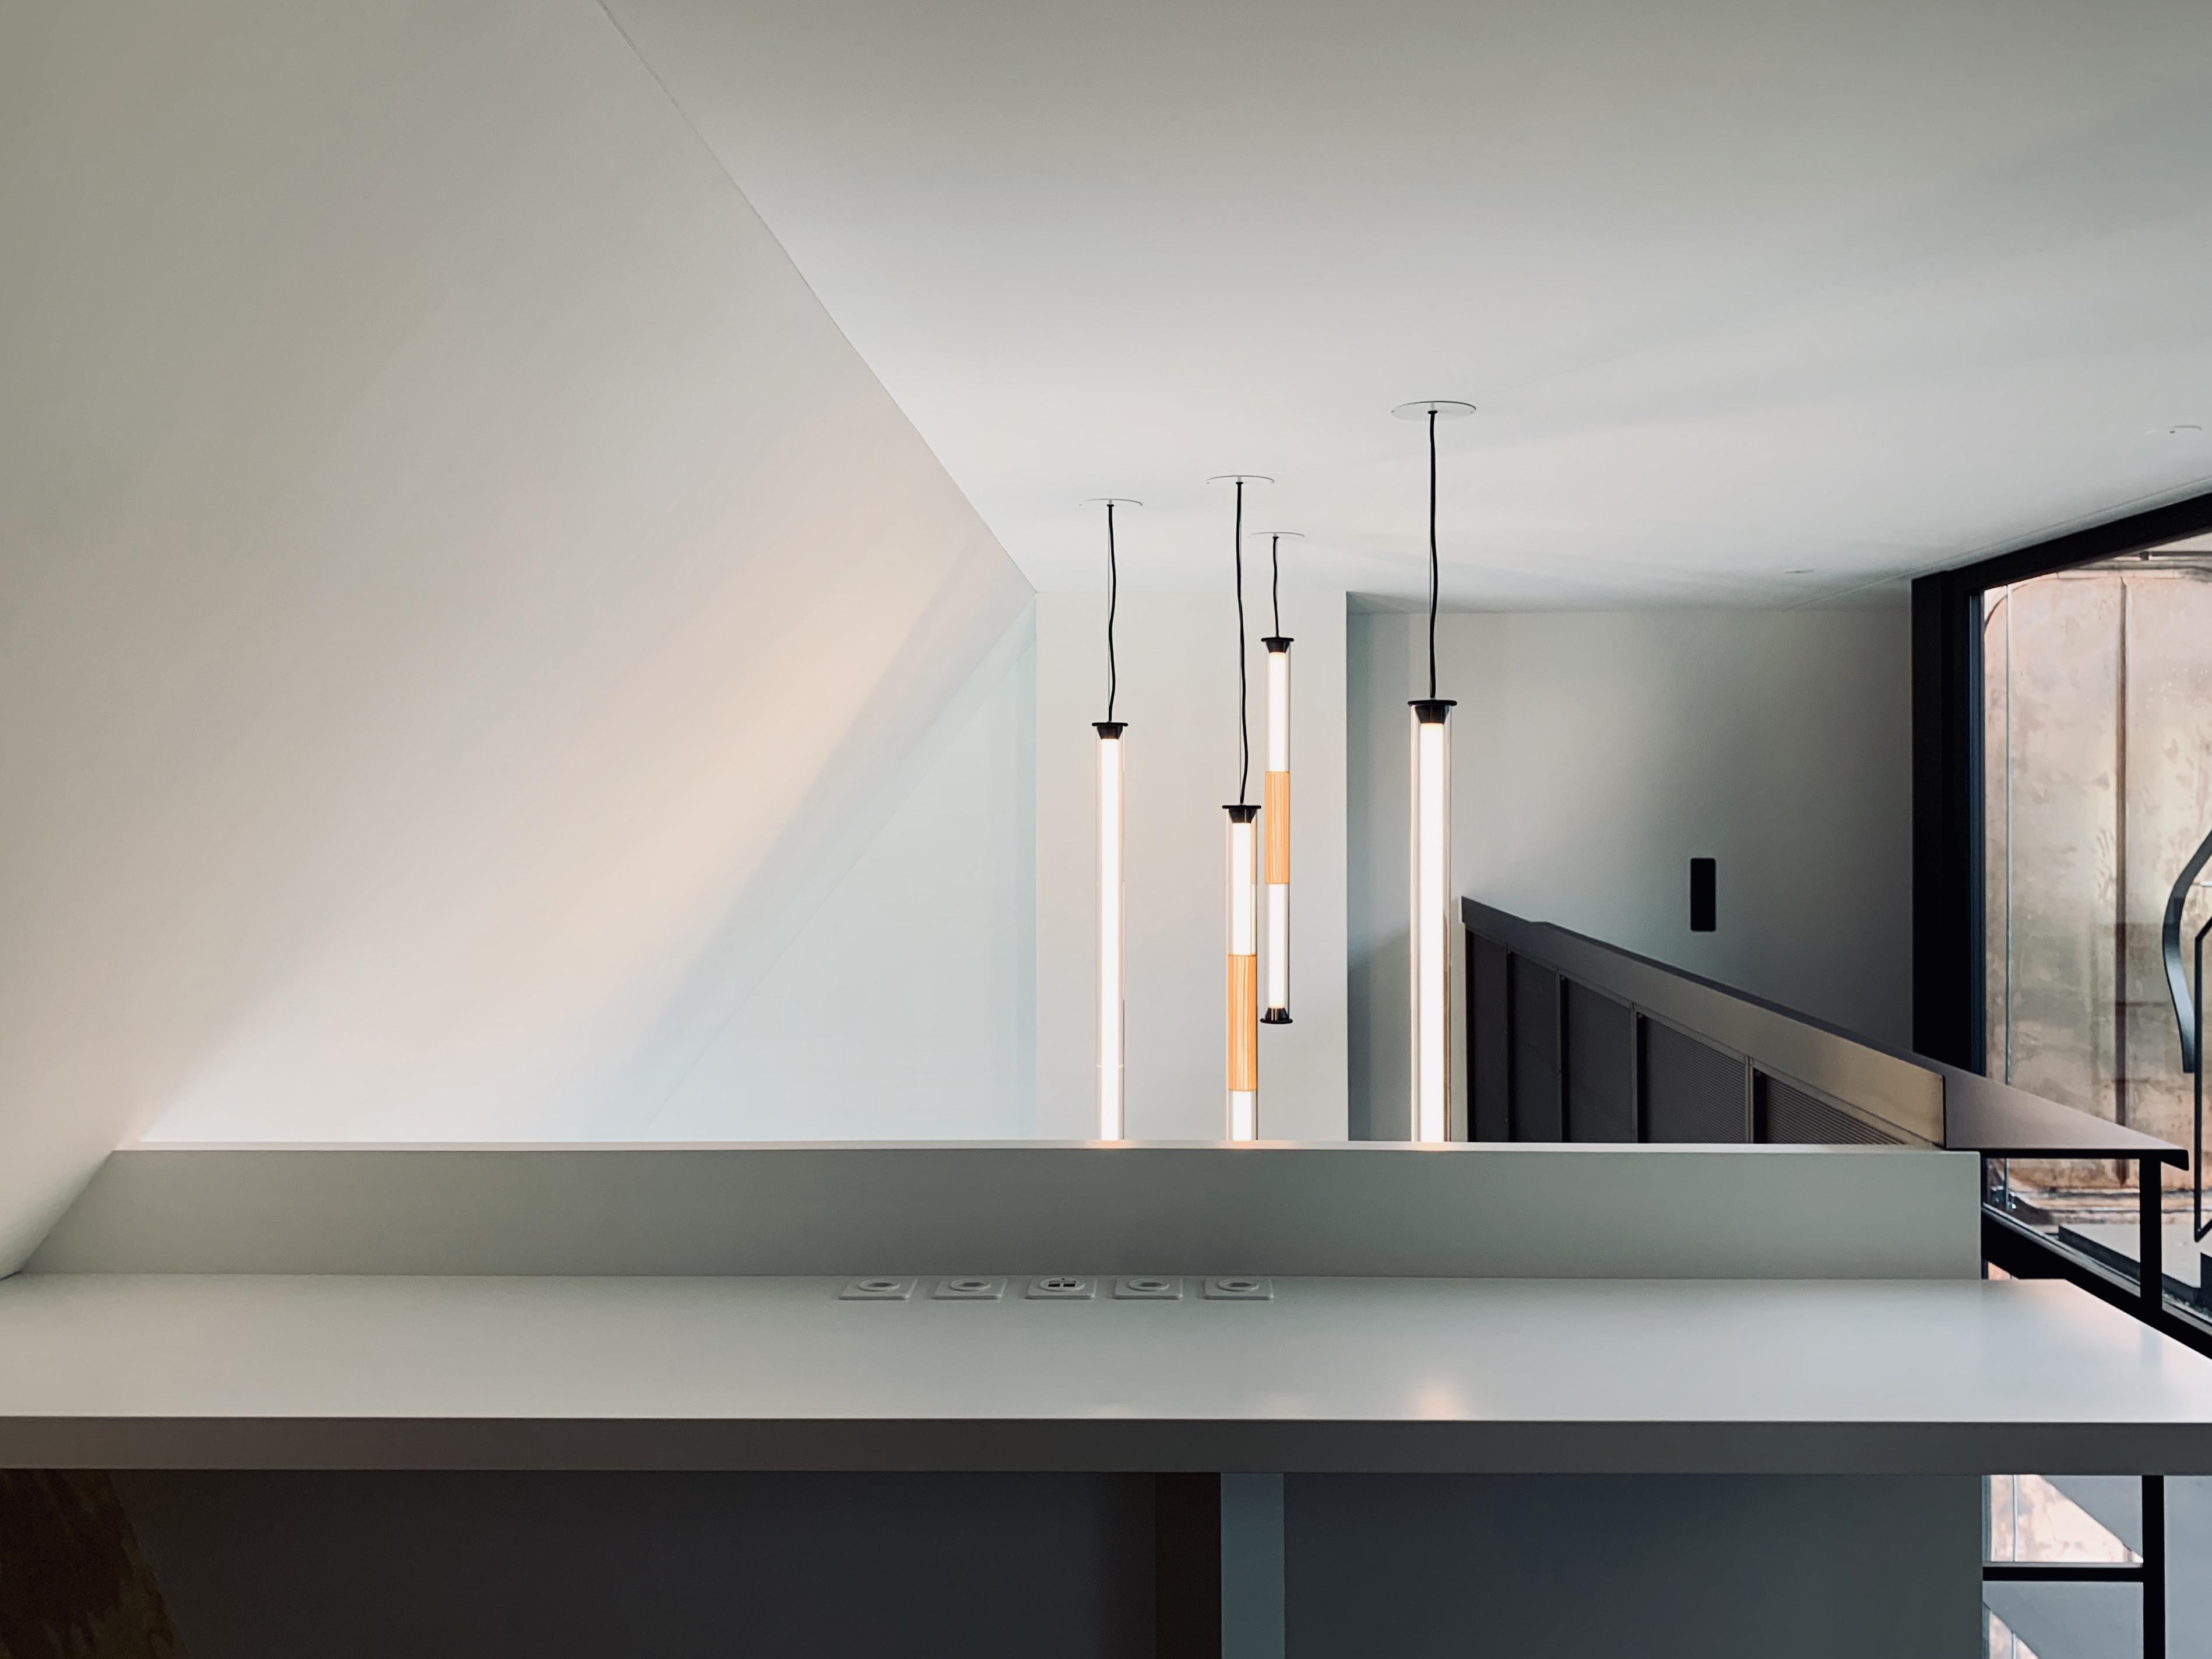 Umbau Wohnhaus Zürich: Arbeitssims am Luftraum Dachwohnung